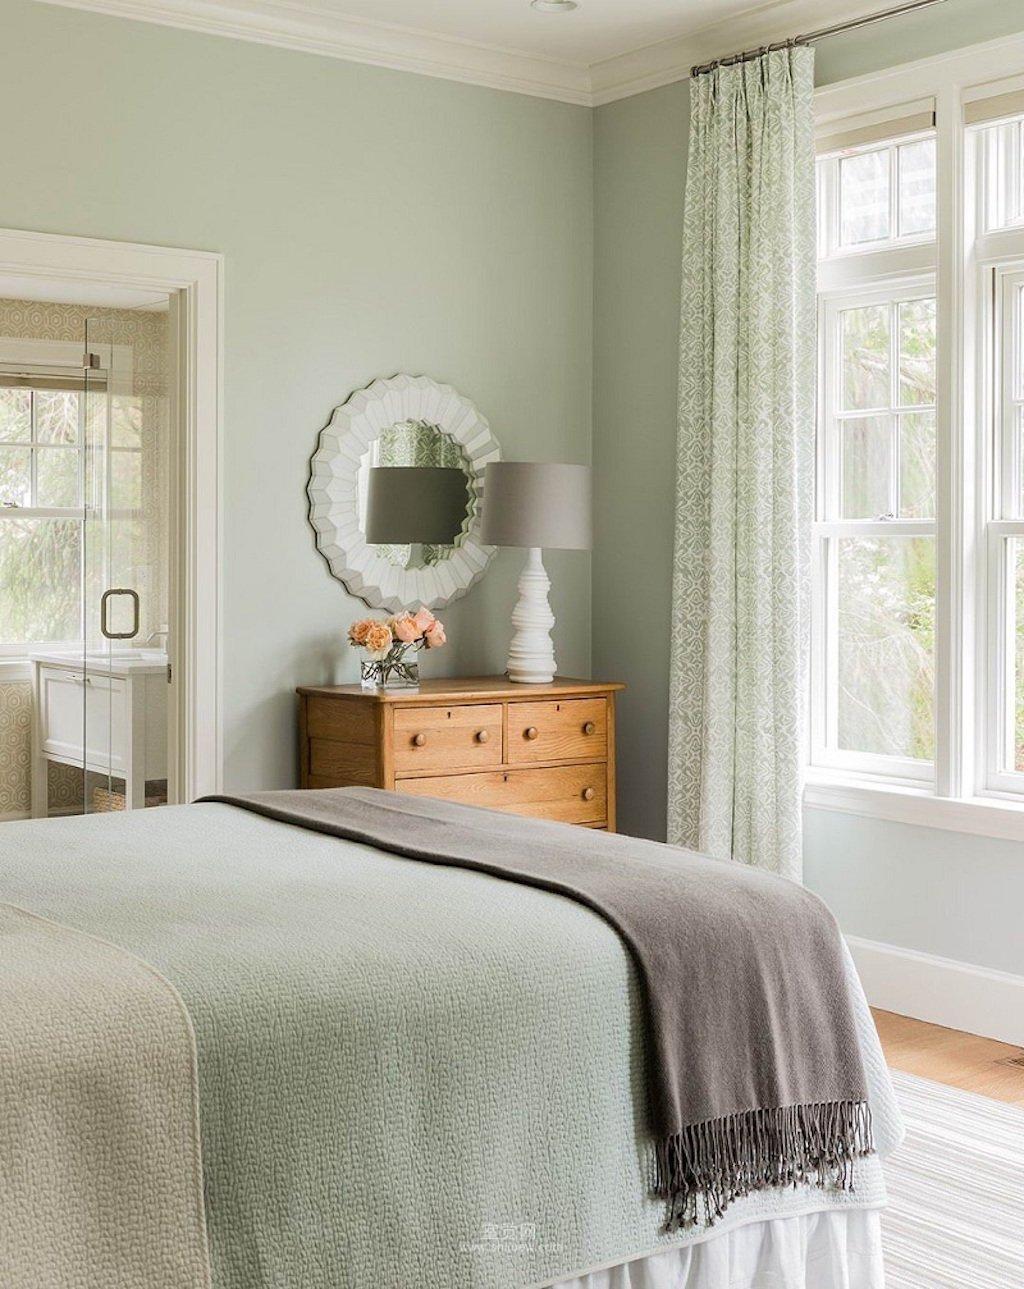 Zelená jako šalvěj, tzv. jadeitová - Tato tlumená zemitě zelená barva navozuje relaxační dojem. Jestli na Vás působí příliš maskulině, můžete ji zjemnit jemnými růžovými doplňky.